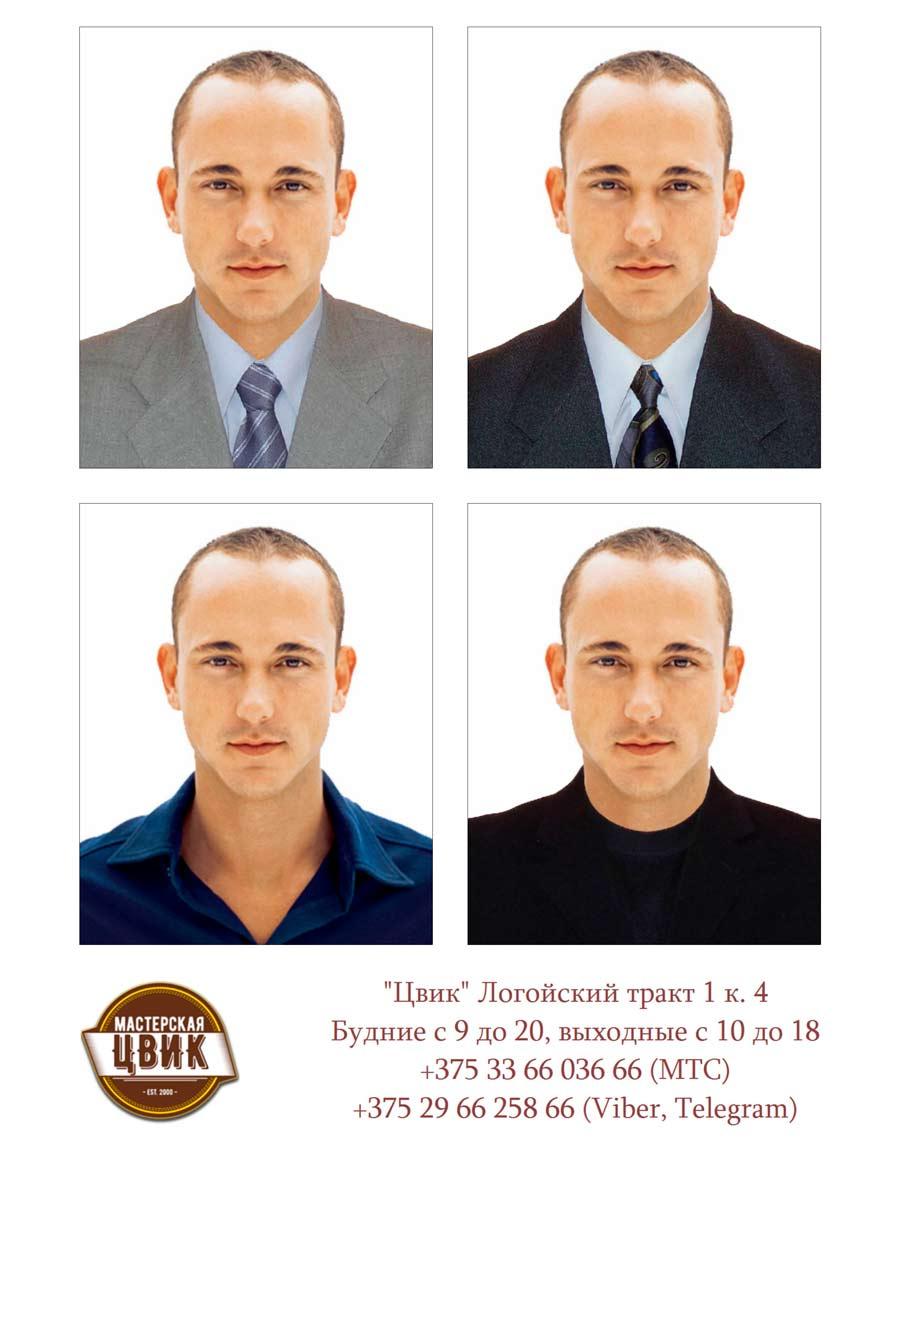 srochnoe-foto-zamena-odezhdy Срочное-фото-замена-одежды